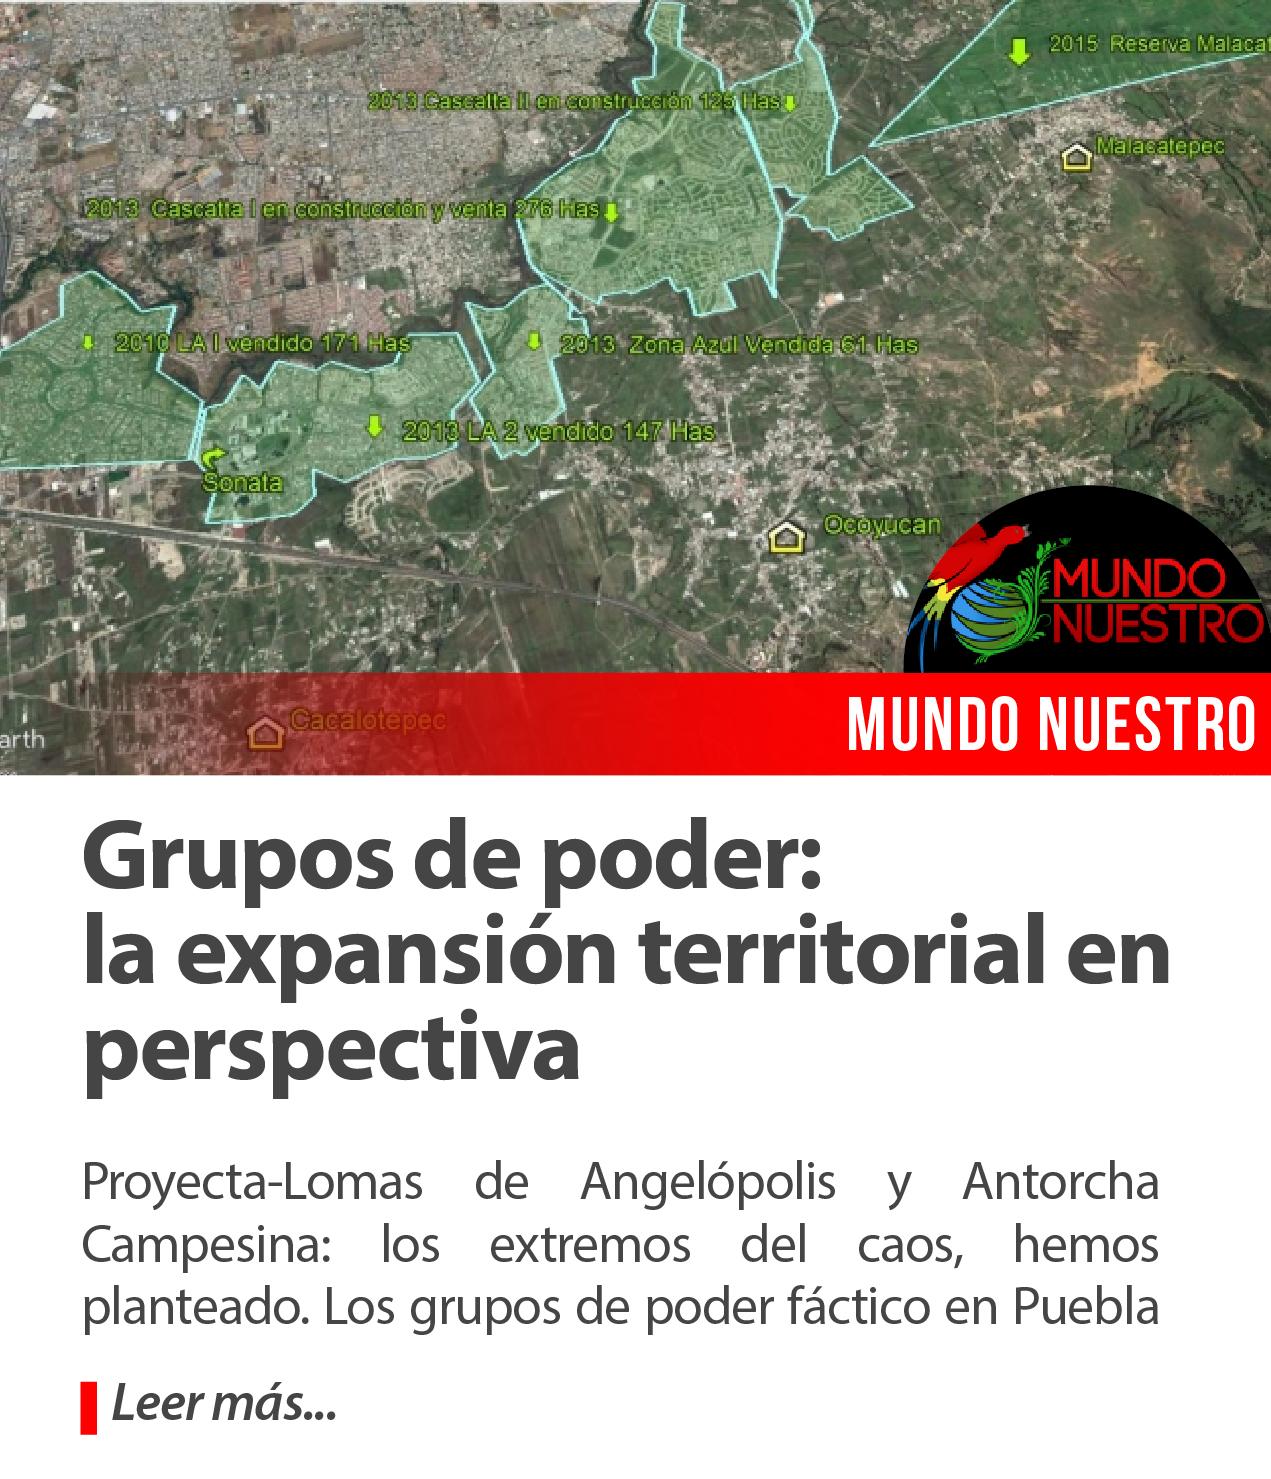 Grupos de poder: la expansión territorial en perspectiva